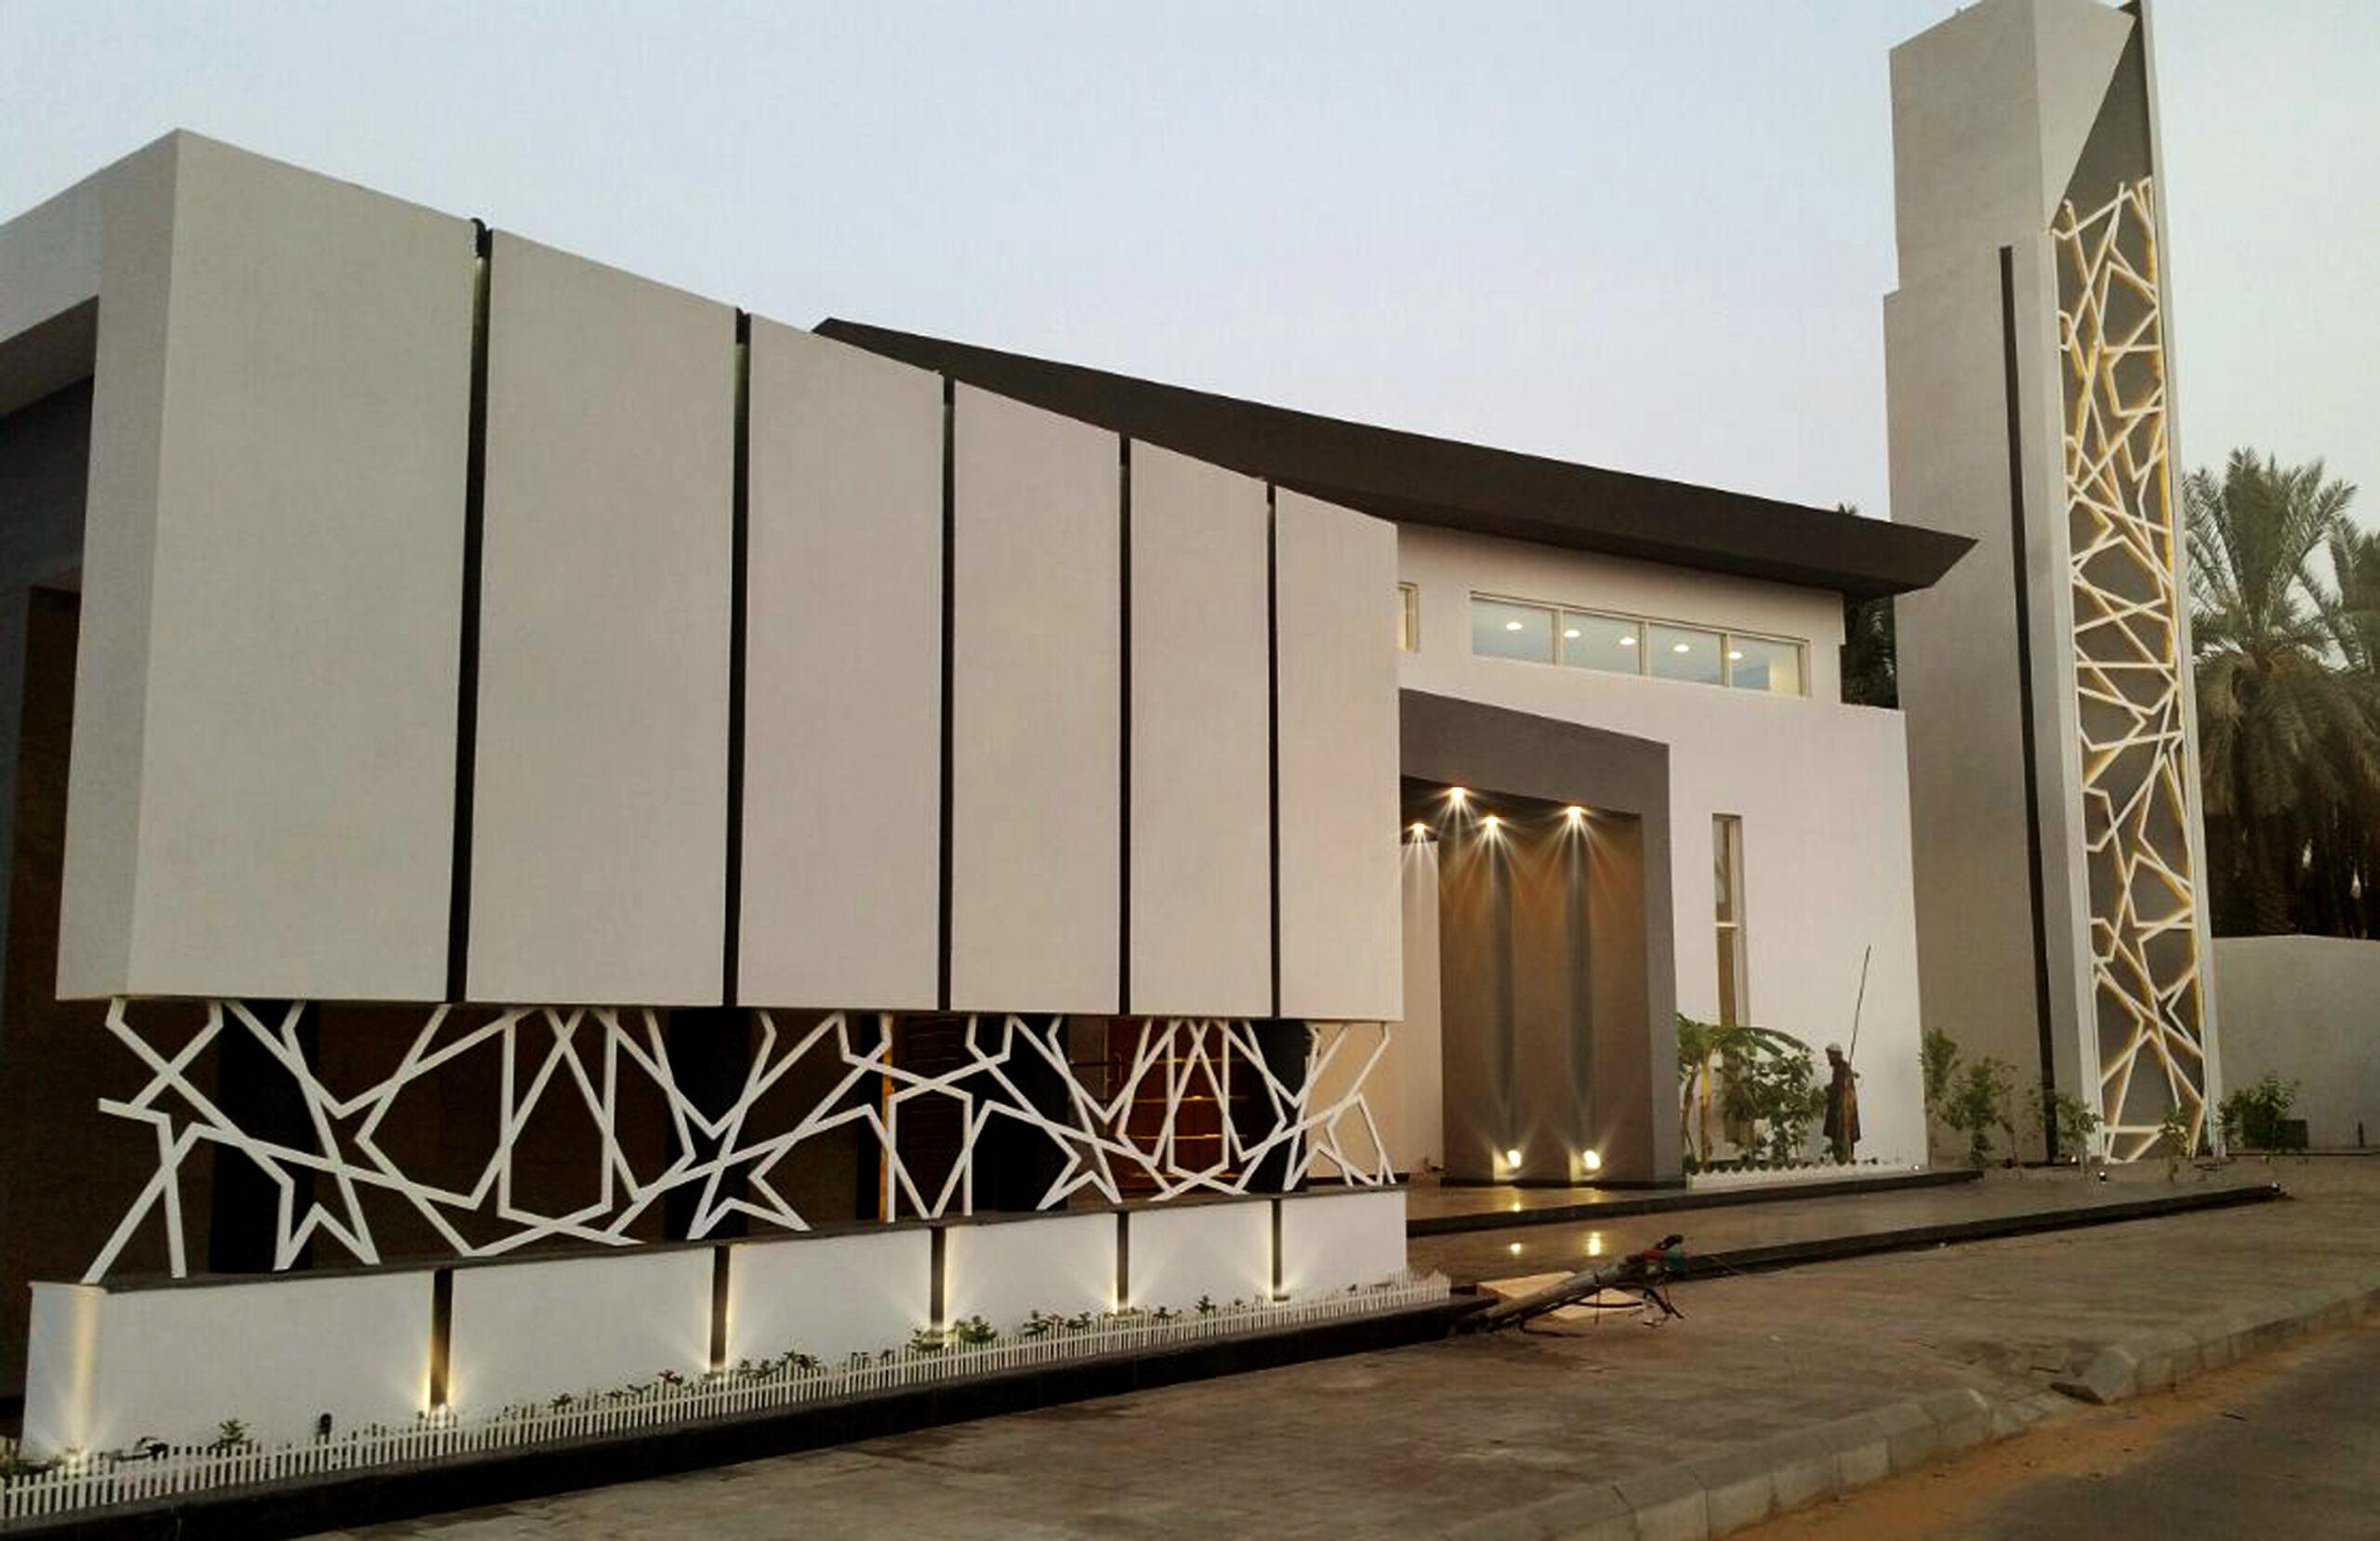 Al Khalil Mosque